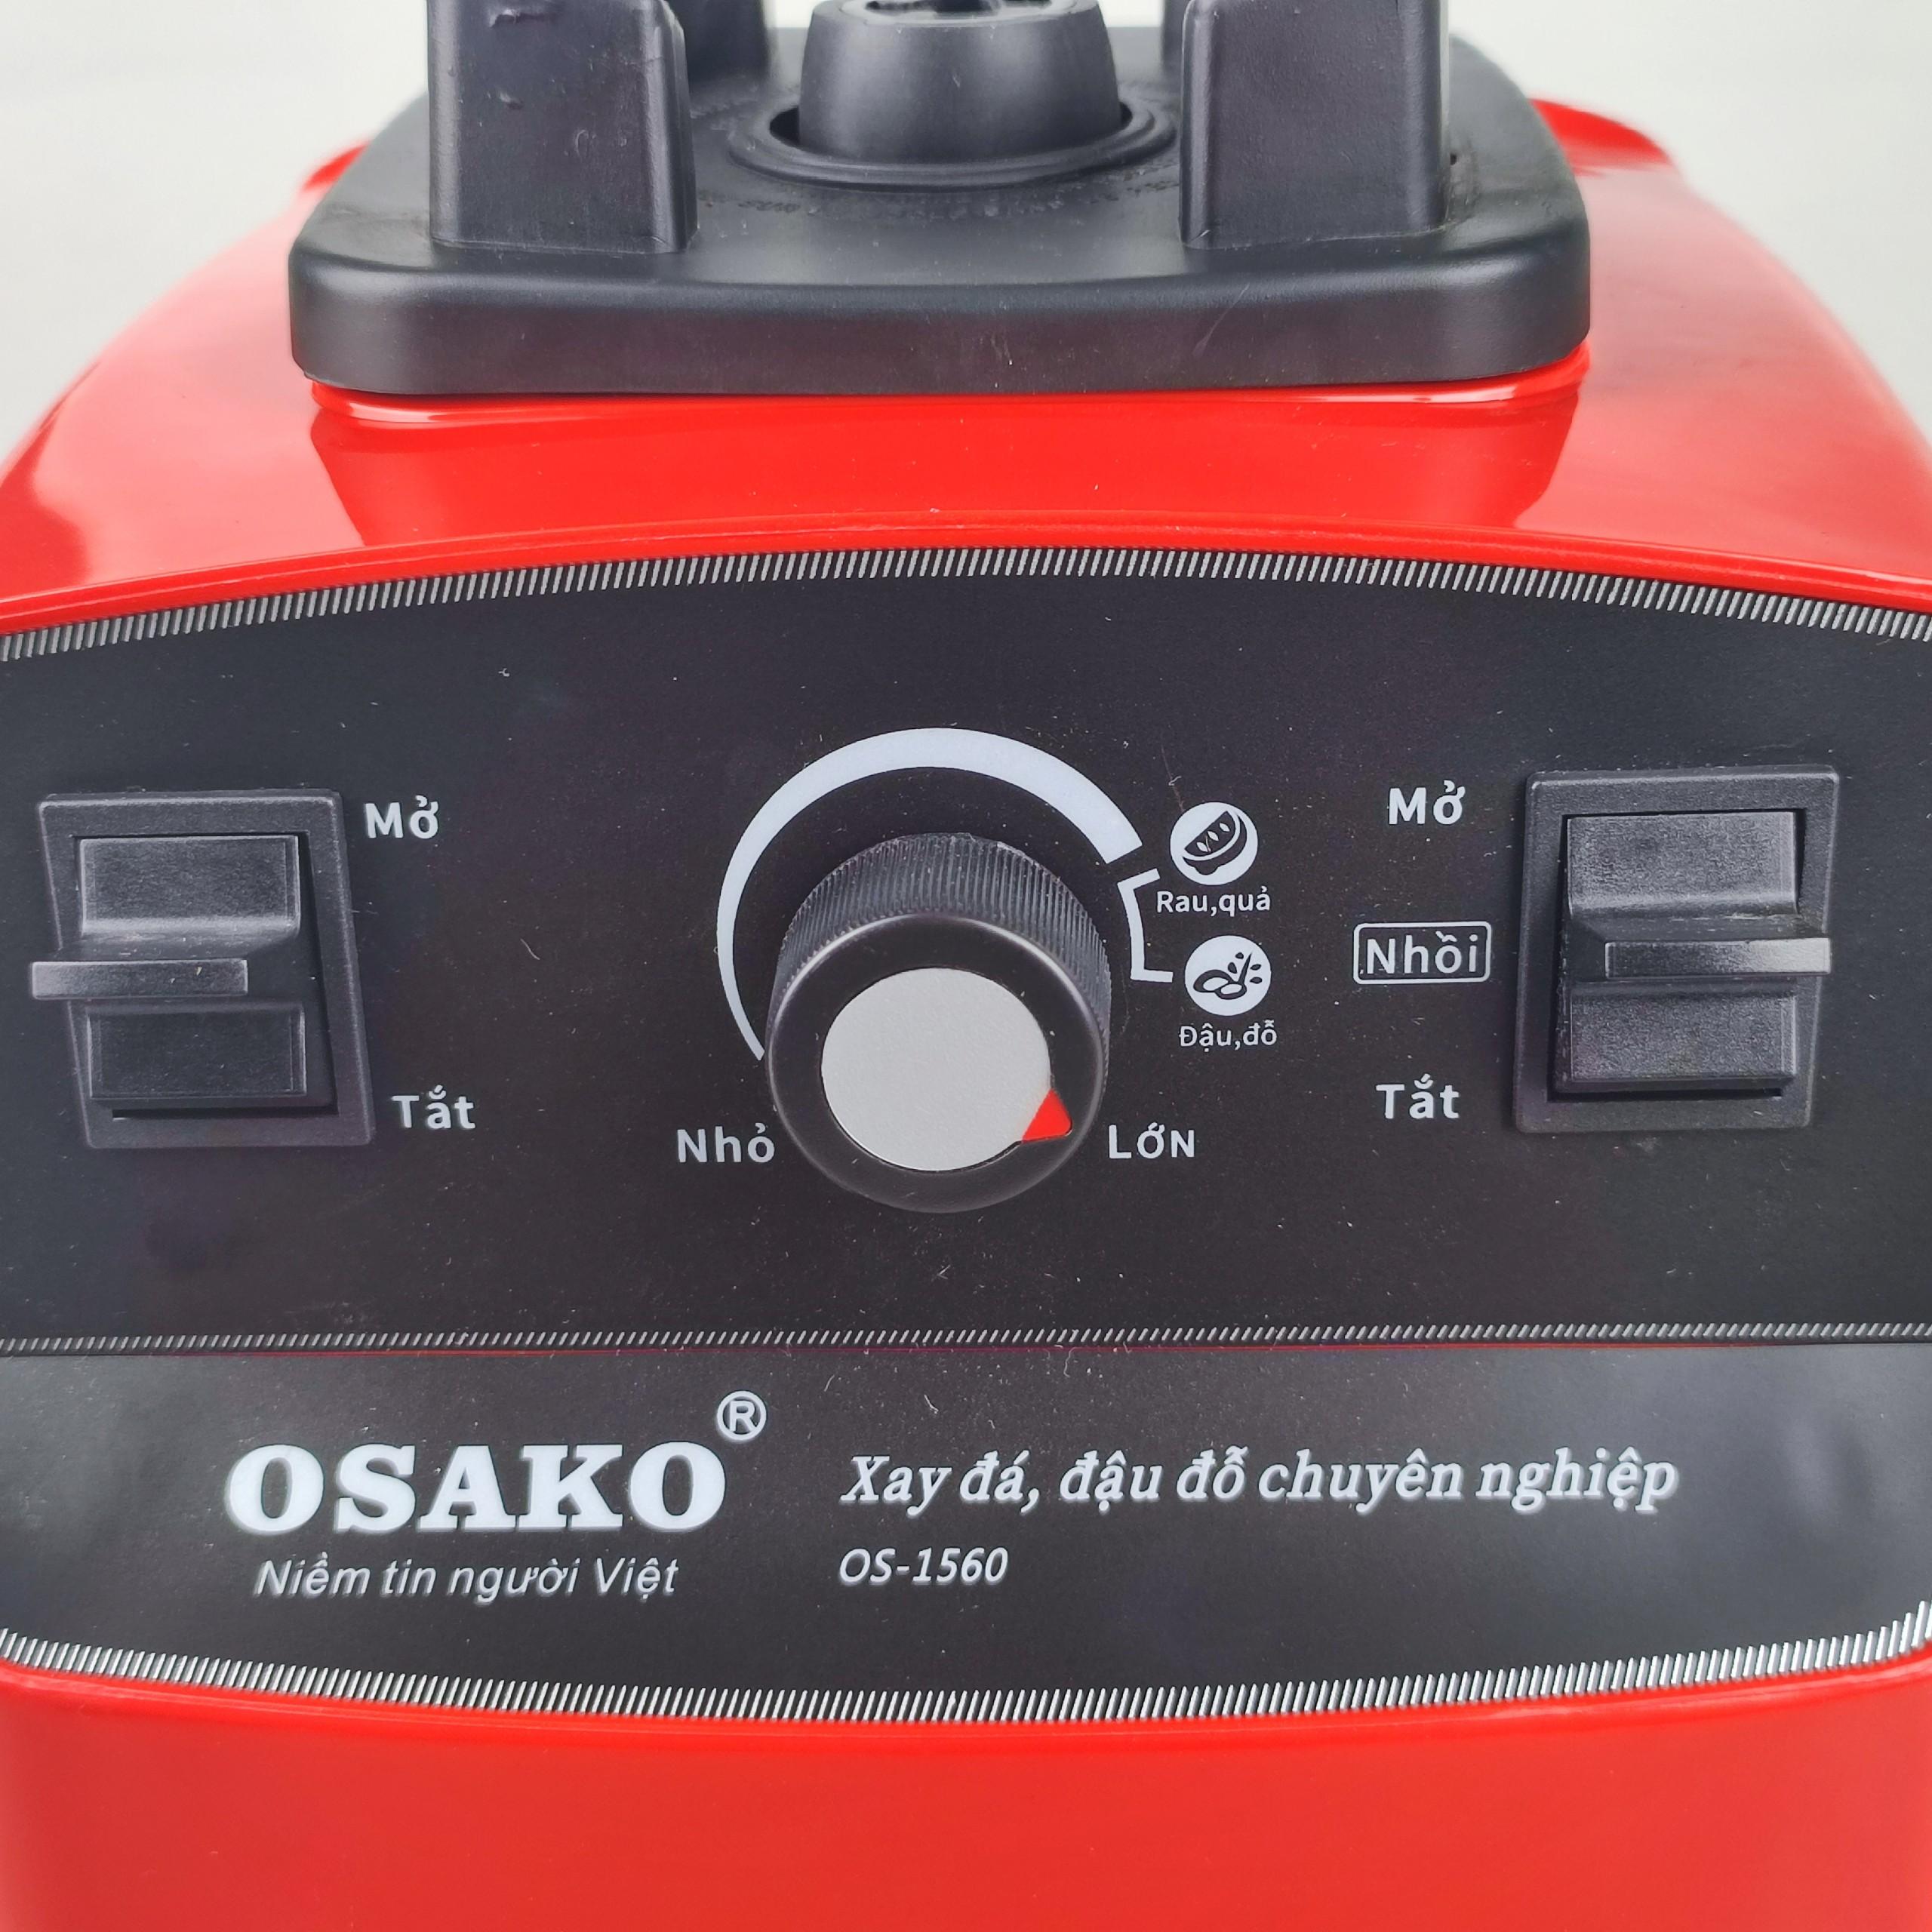 Máy xay sinh tố công nghiệp Osako Os.1560, cối 2lit, có chức năng rau quả và xay đậu đỗ hạt khô, màu đỏ-hàng chính hãng